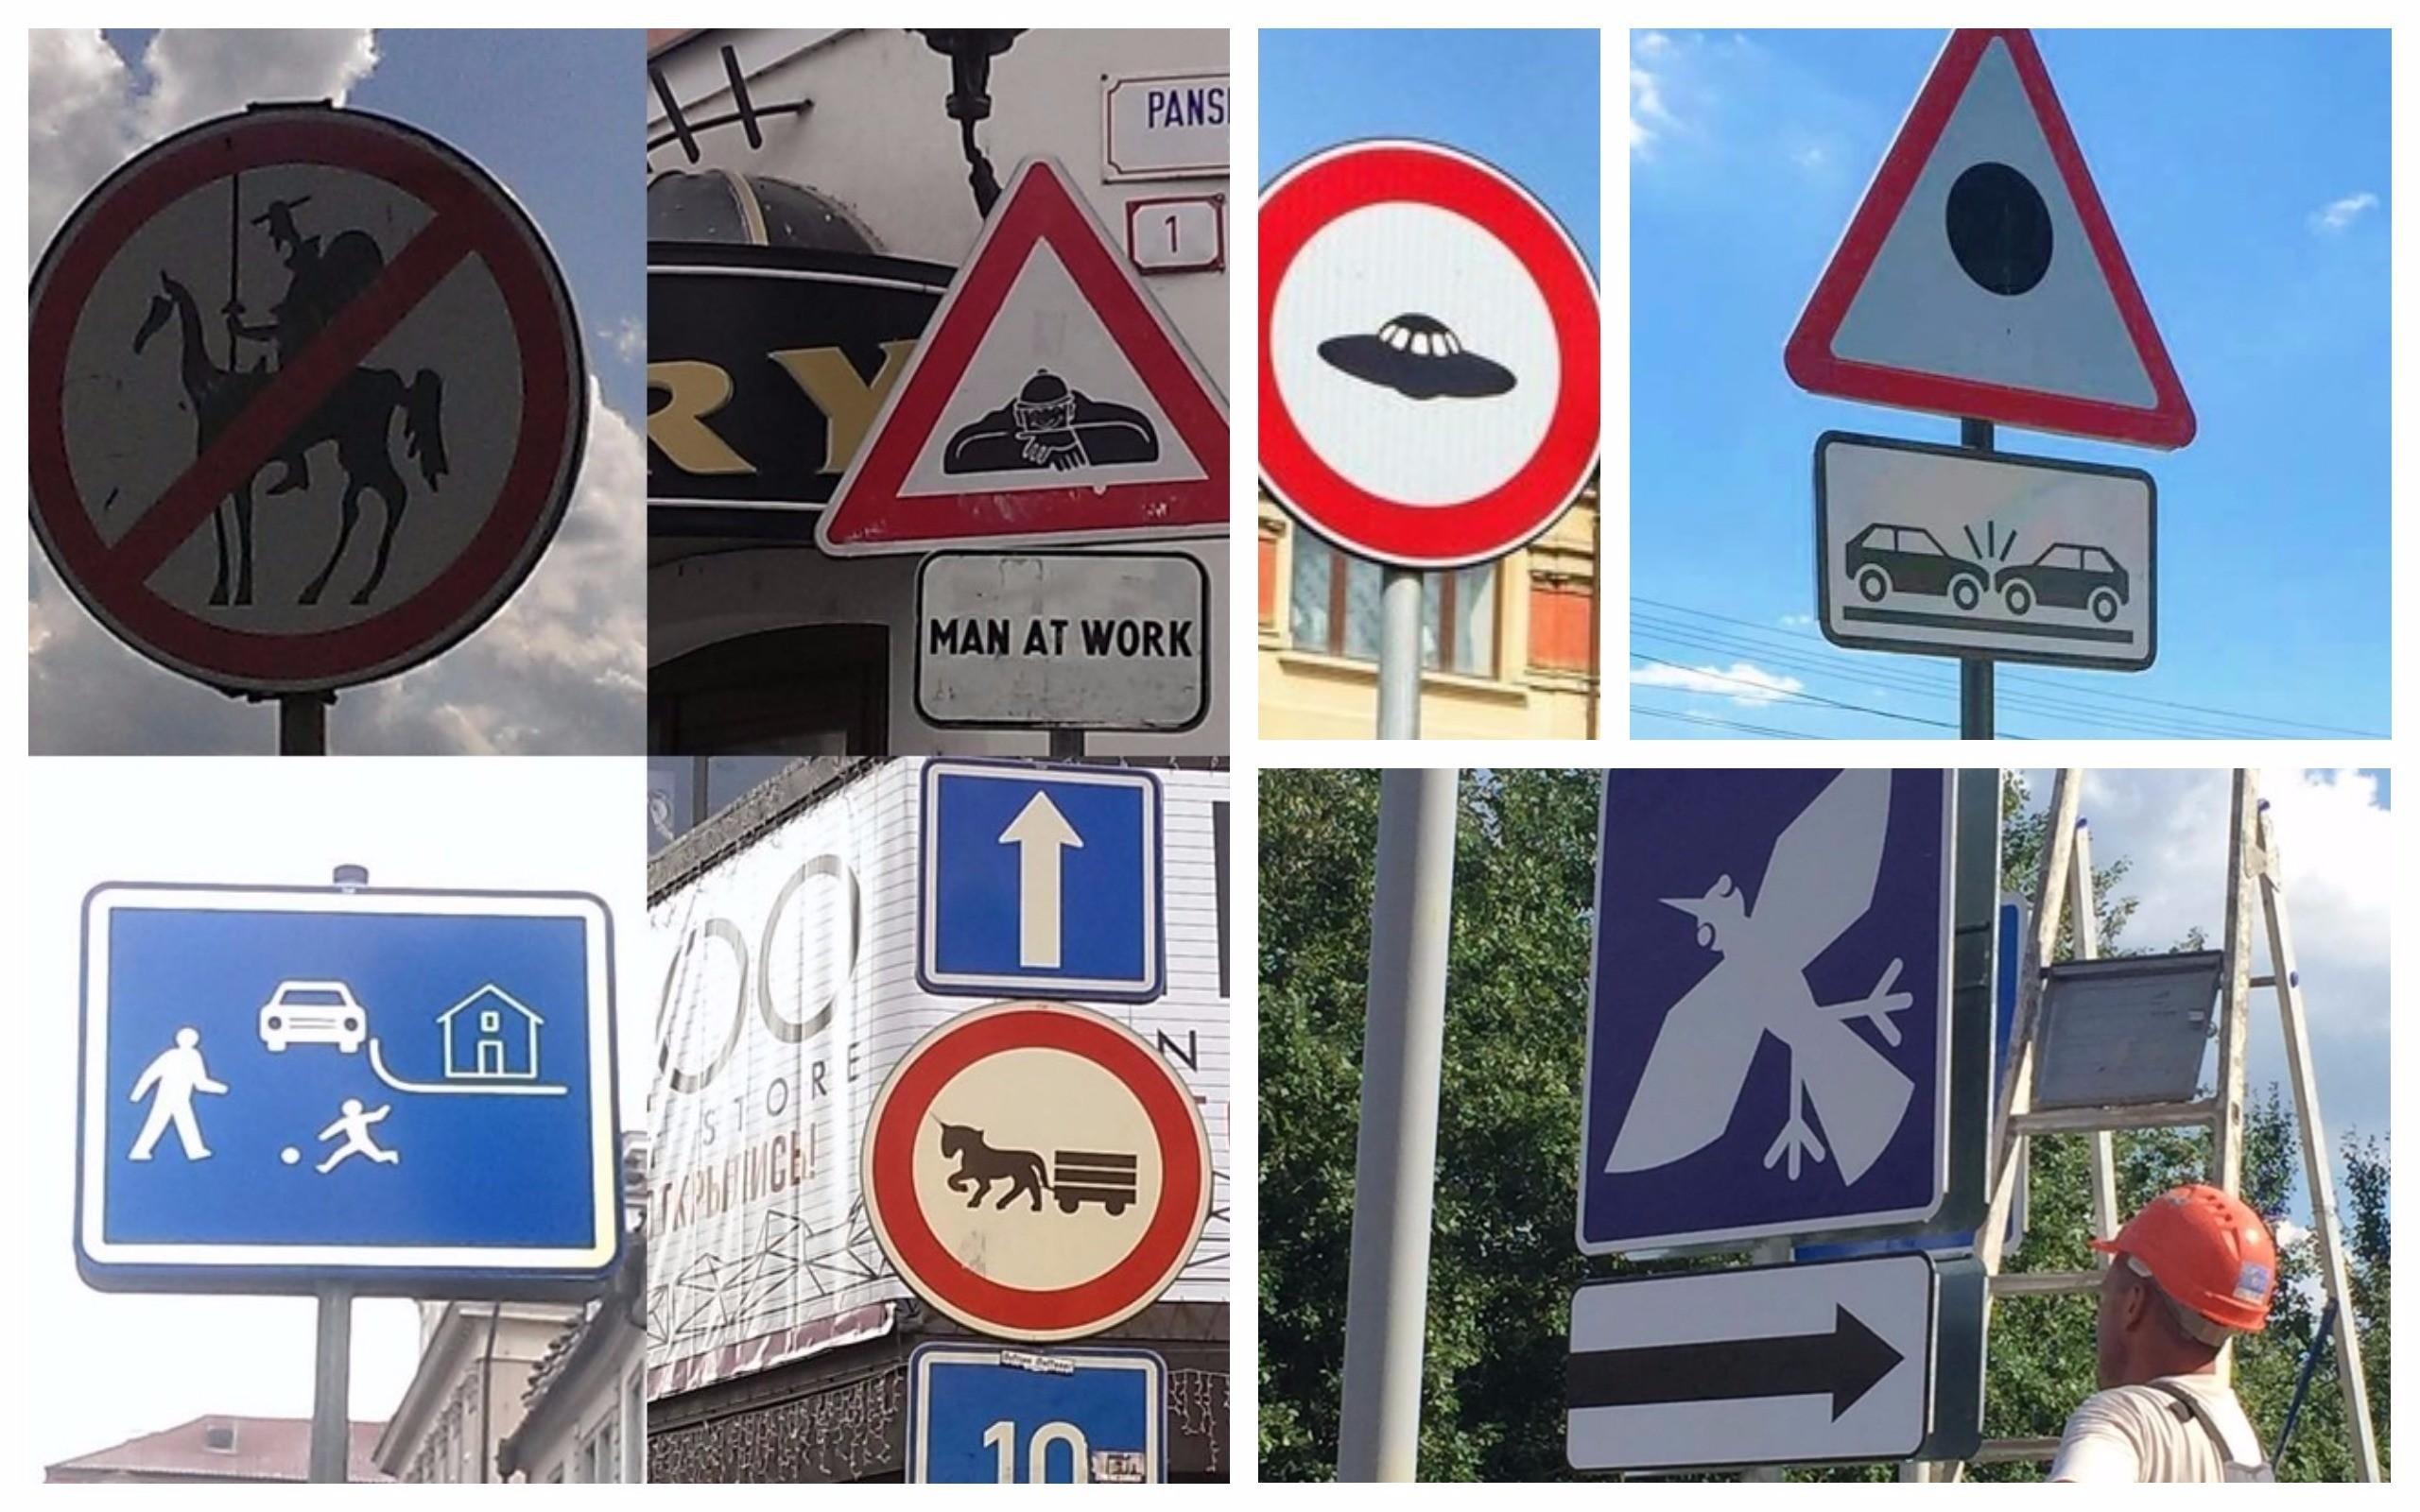 Необычные дорожные знаки, которые призывают к действию, но непонятно к какому (24фото)